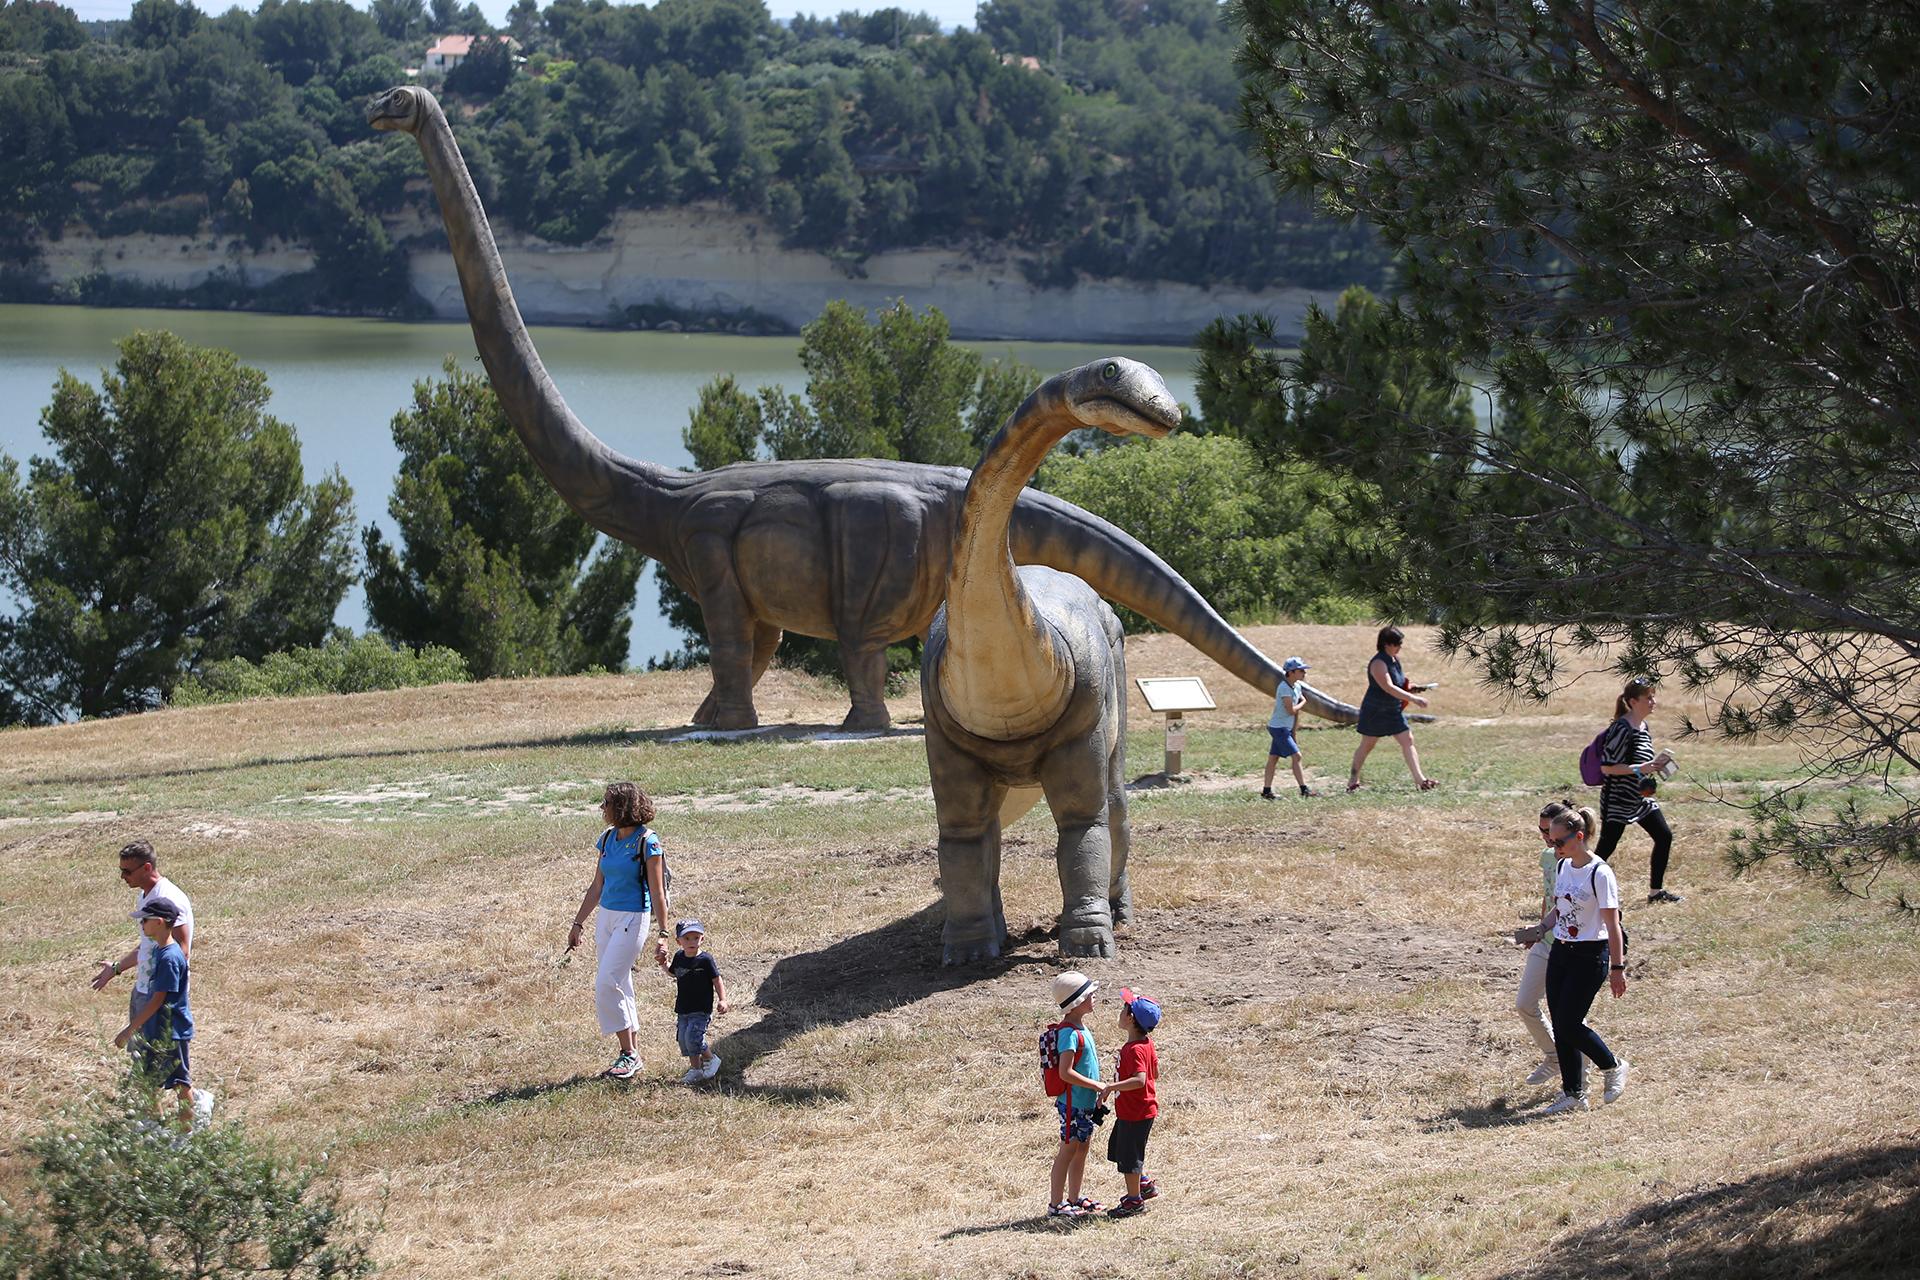 Dinosaur'Istres, parc gratuit à Istres sur les dinosaures - © Service Communication ville d'Istres